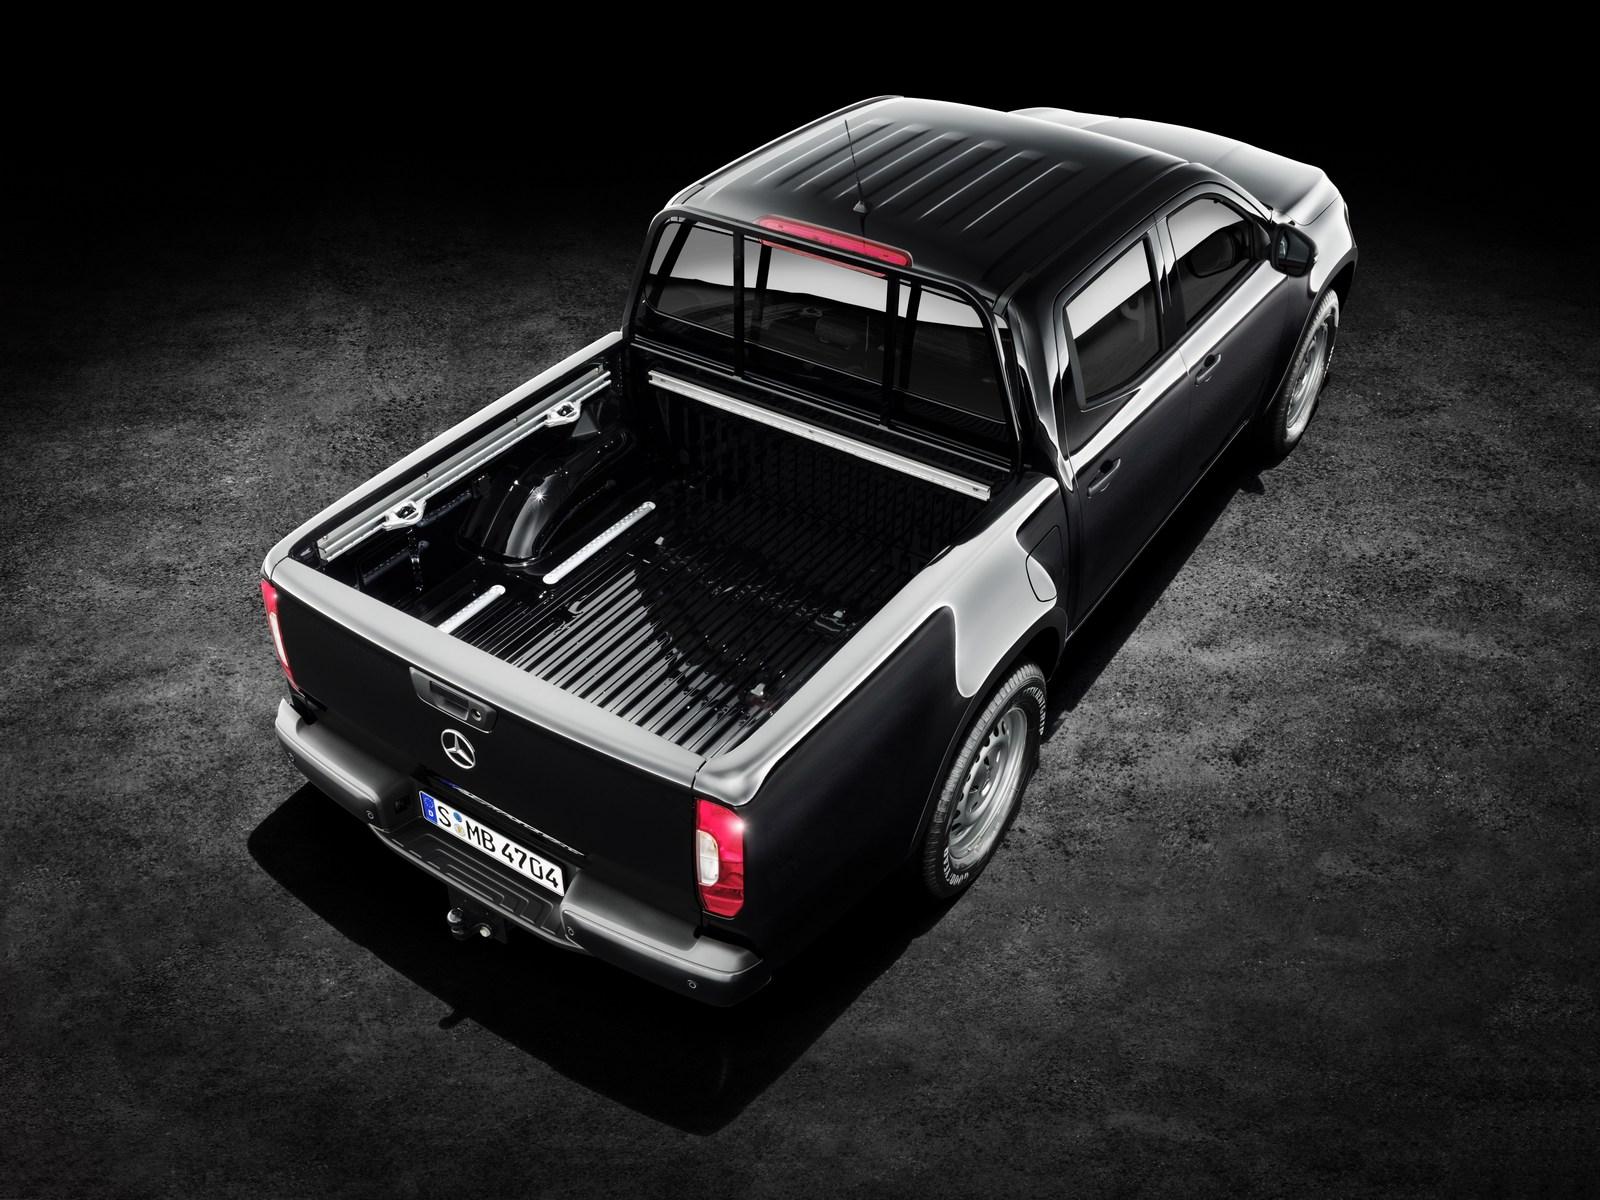 Mercedes-Benz X-Klasse – Exterieur, Kabaraschwarz metallic, Ausstattungslinie PURE Mercedes-Benz X-Class – Exterior, kabara black metallic, design and equipment line PURE